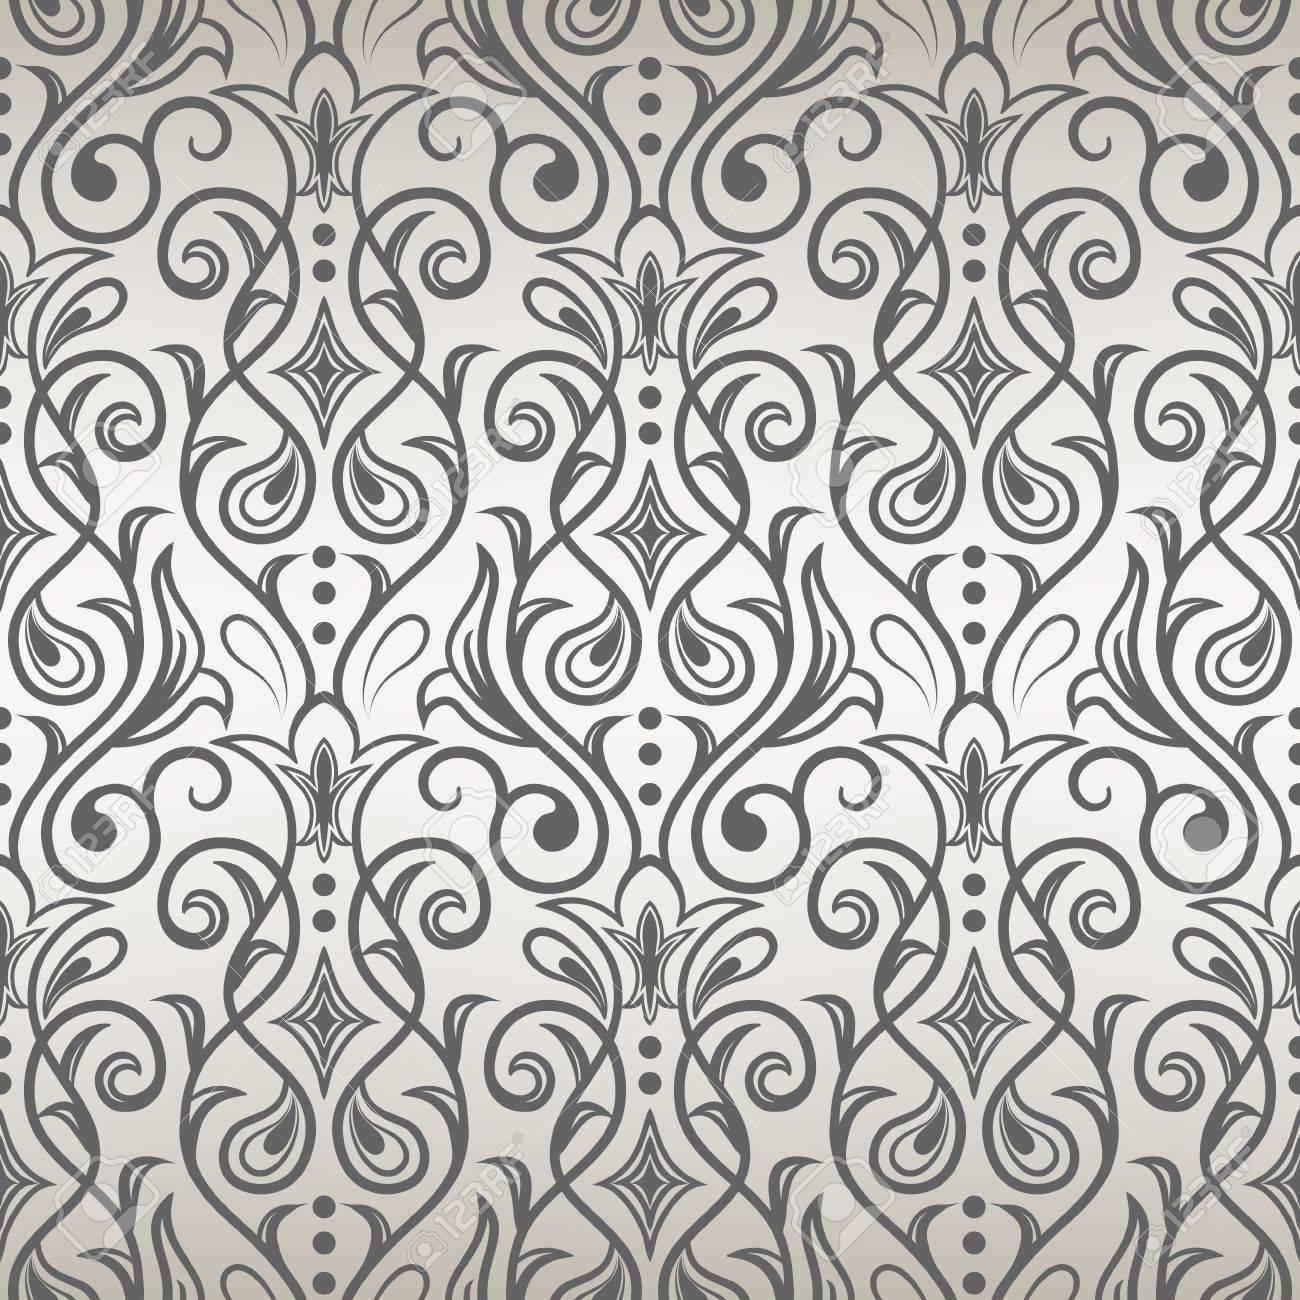 クールなデザインのシームレス花柄ベクトル イラストのイラスト素材